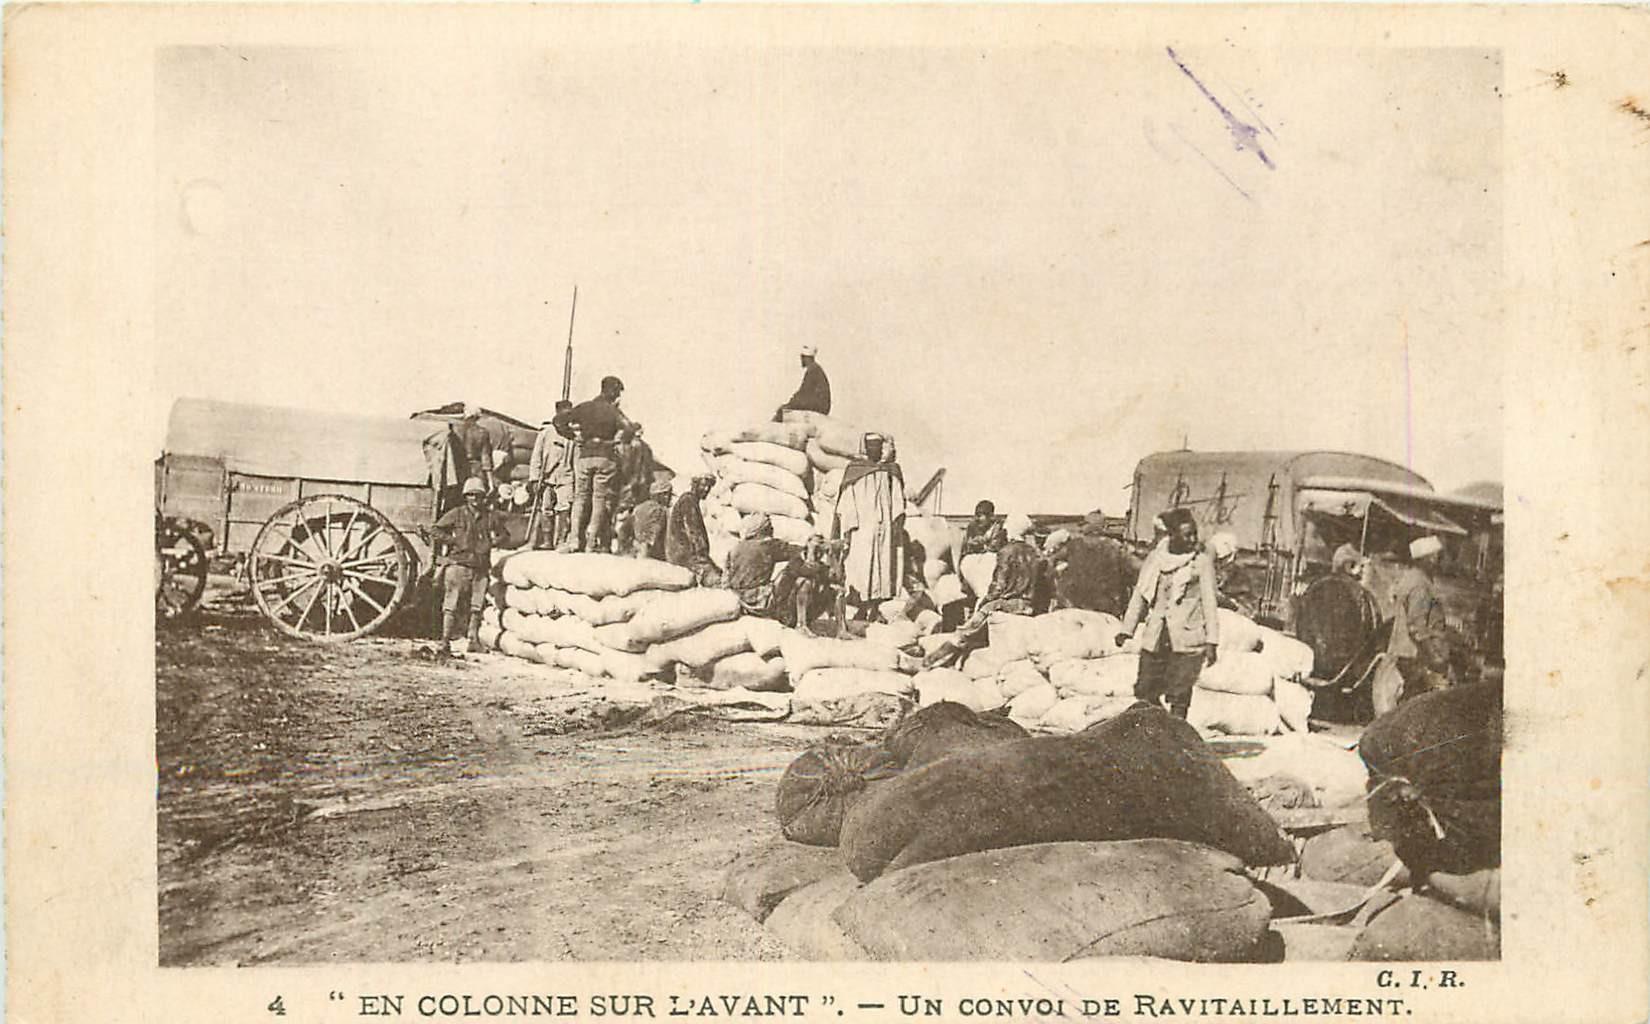 LA GUERRE AU MAROC. Un Convoi de ravitaillement 1928